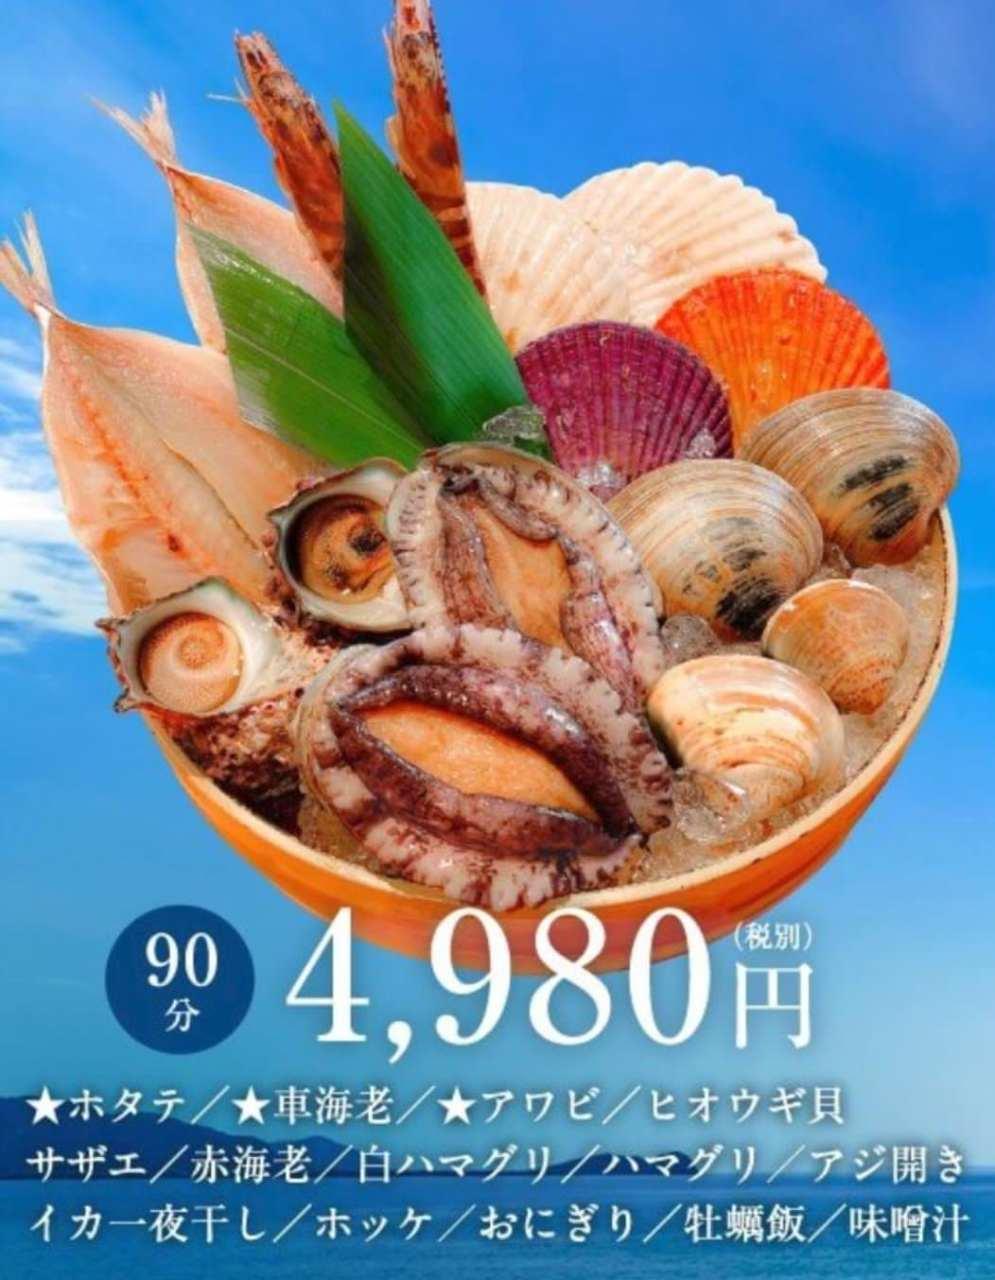 食べ放題海鮮盛り食べ放題90分!4.980円(税別)